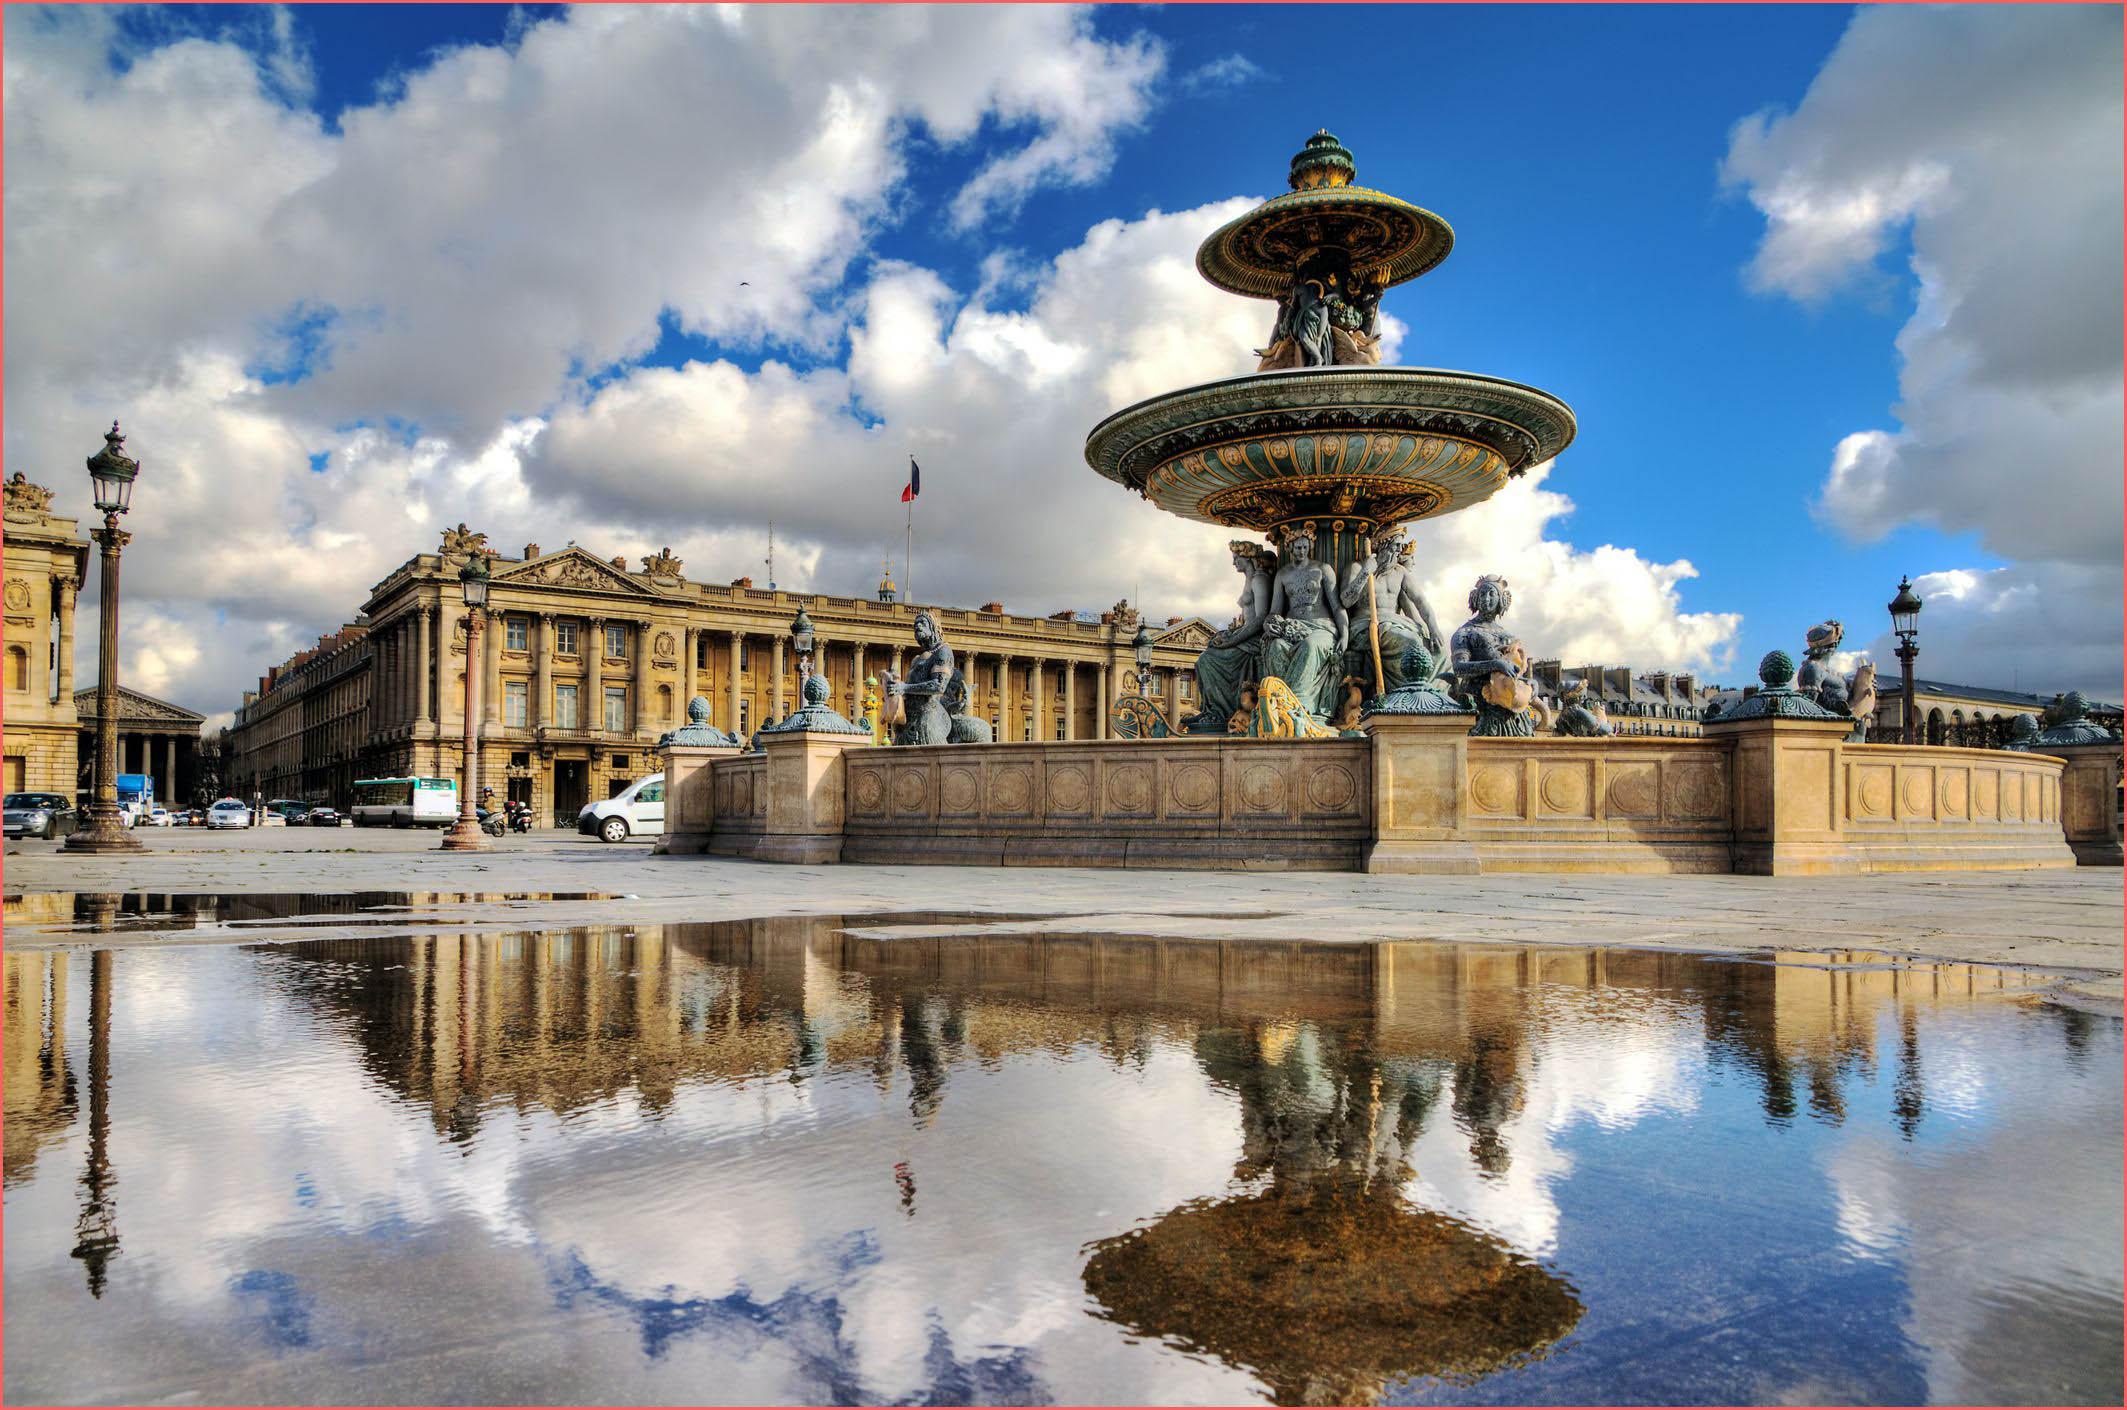 ساحة الكونكورد في فرنسا